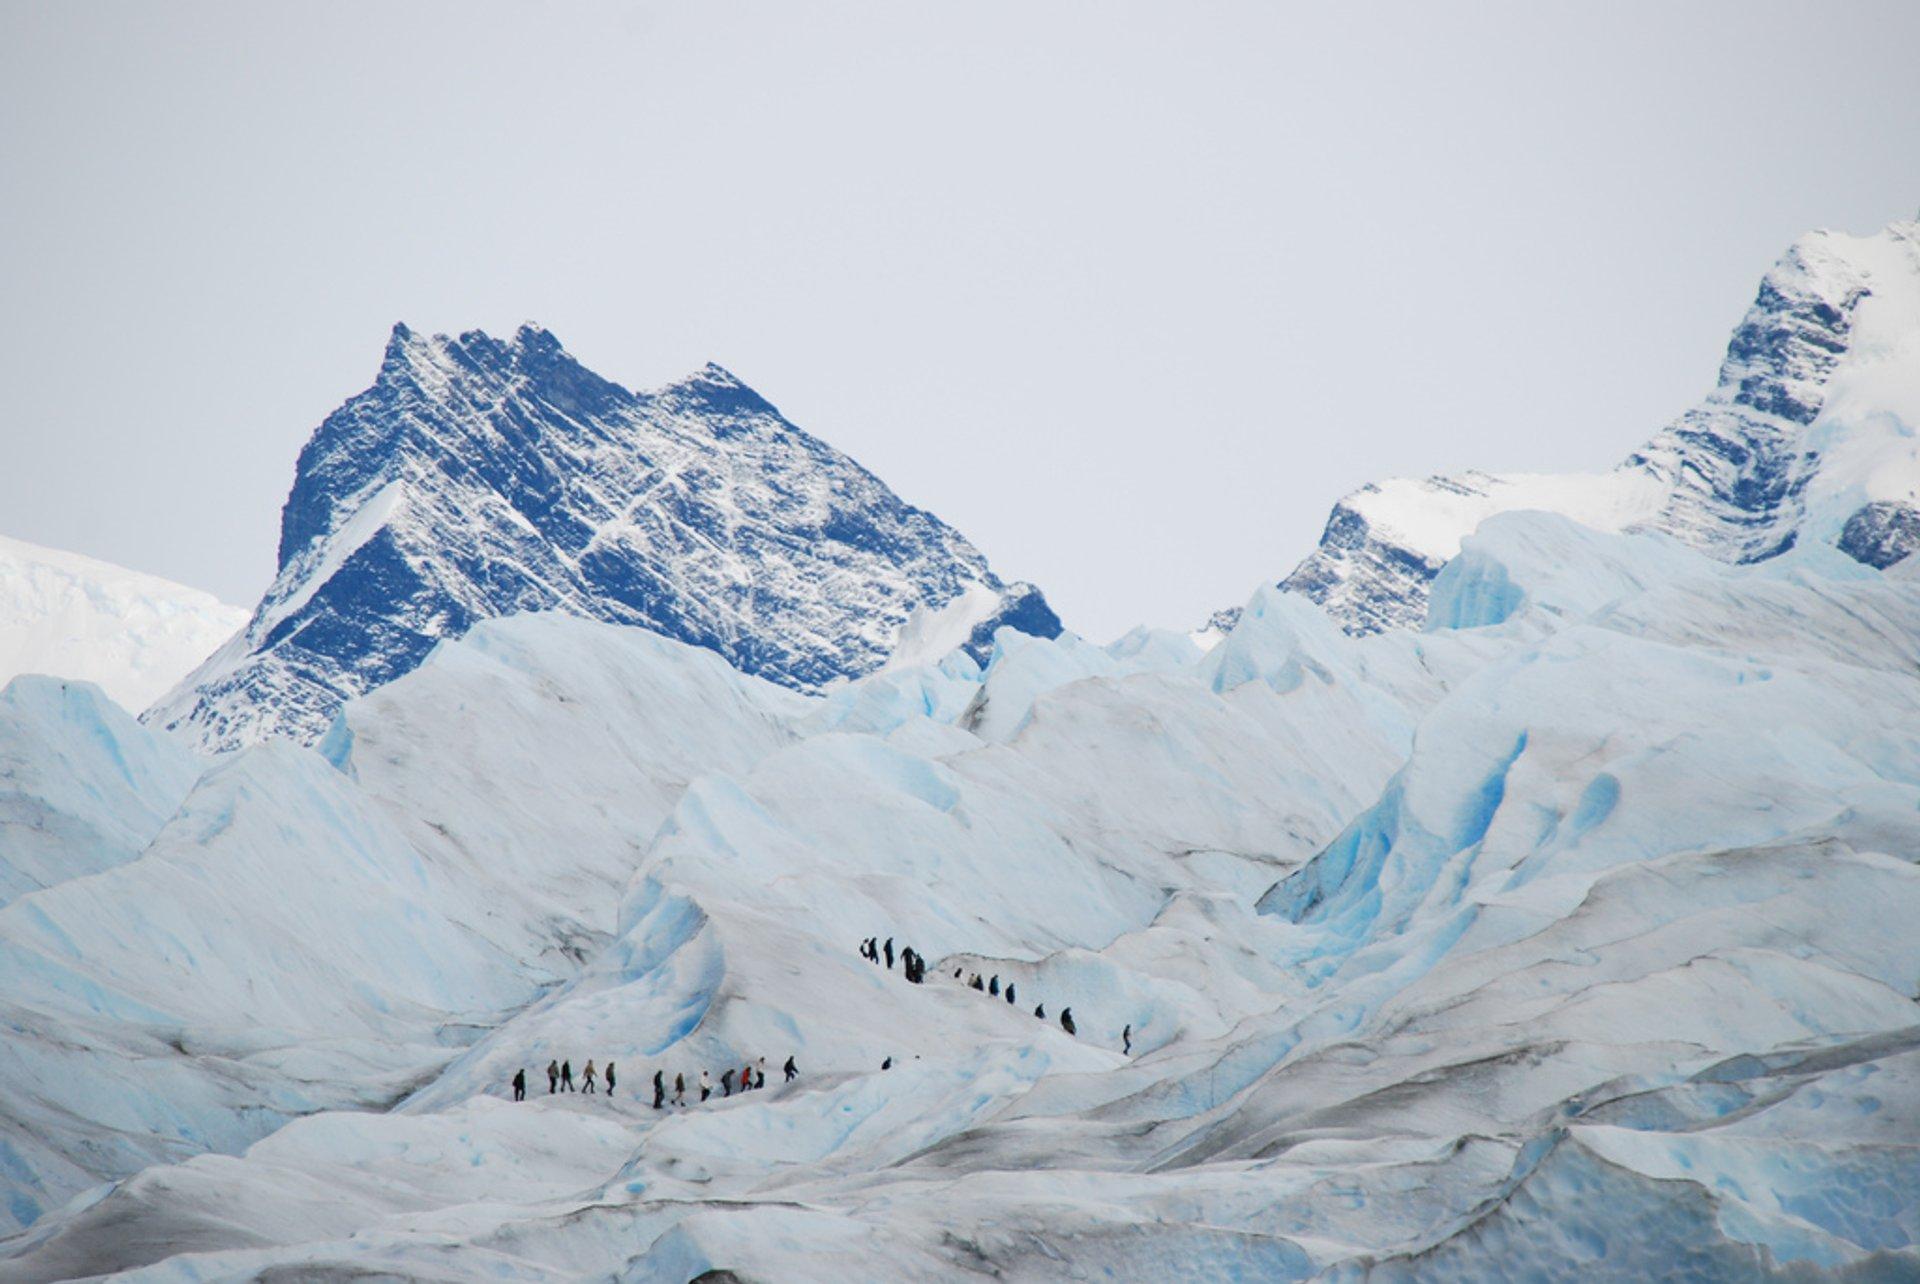 Perito Moreno Glacier in Argentina 2020 - Best Time